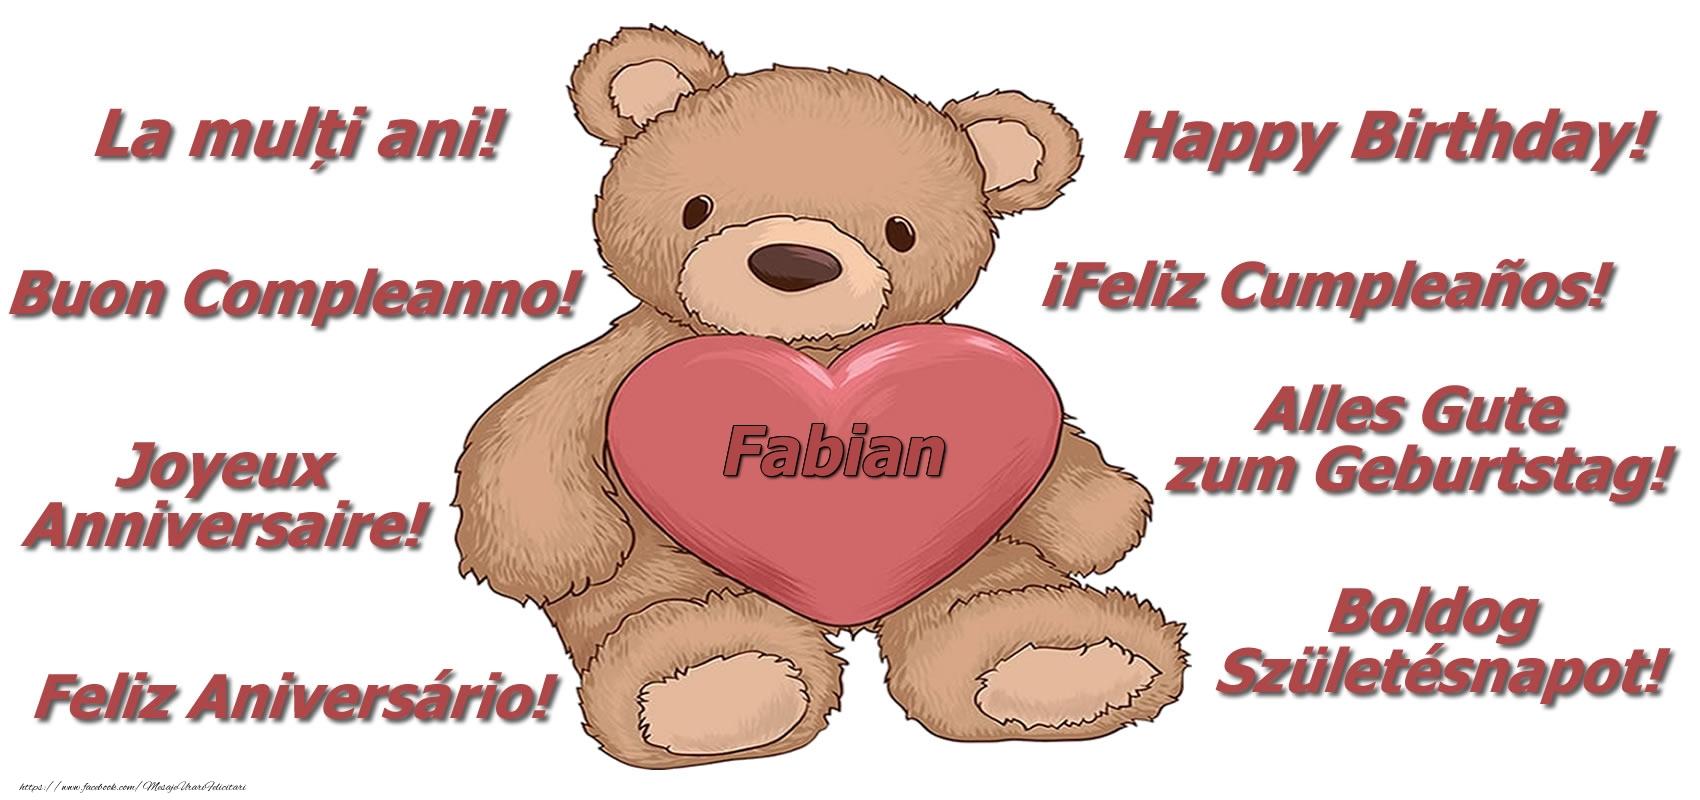 Felicitari de zi de nastere - La multi ani Fabian! - Ursulet